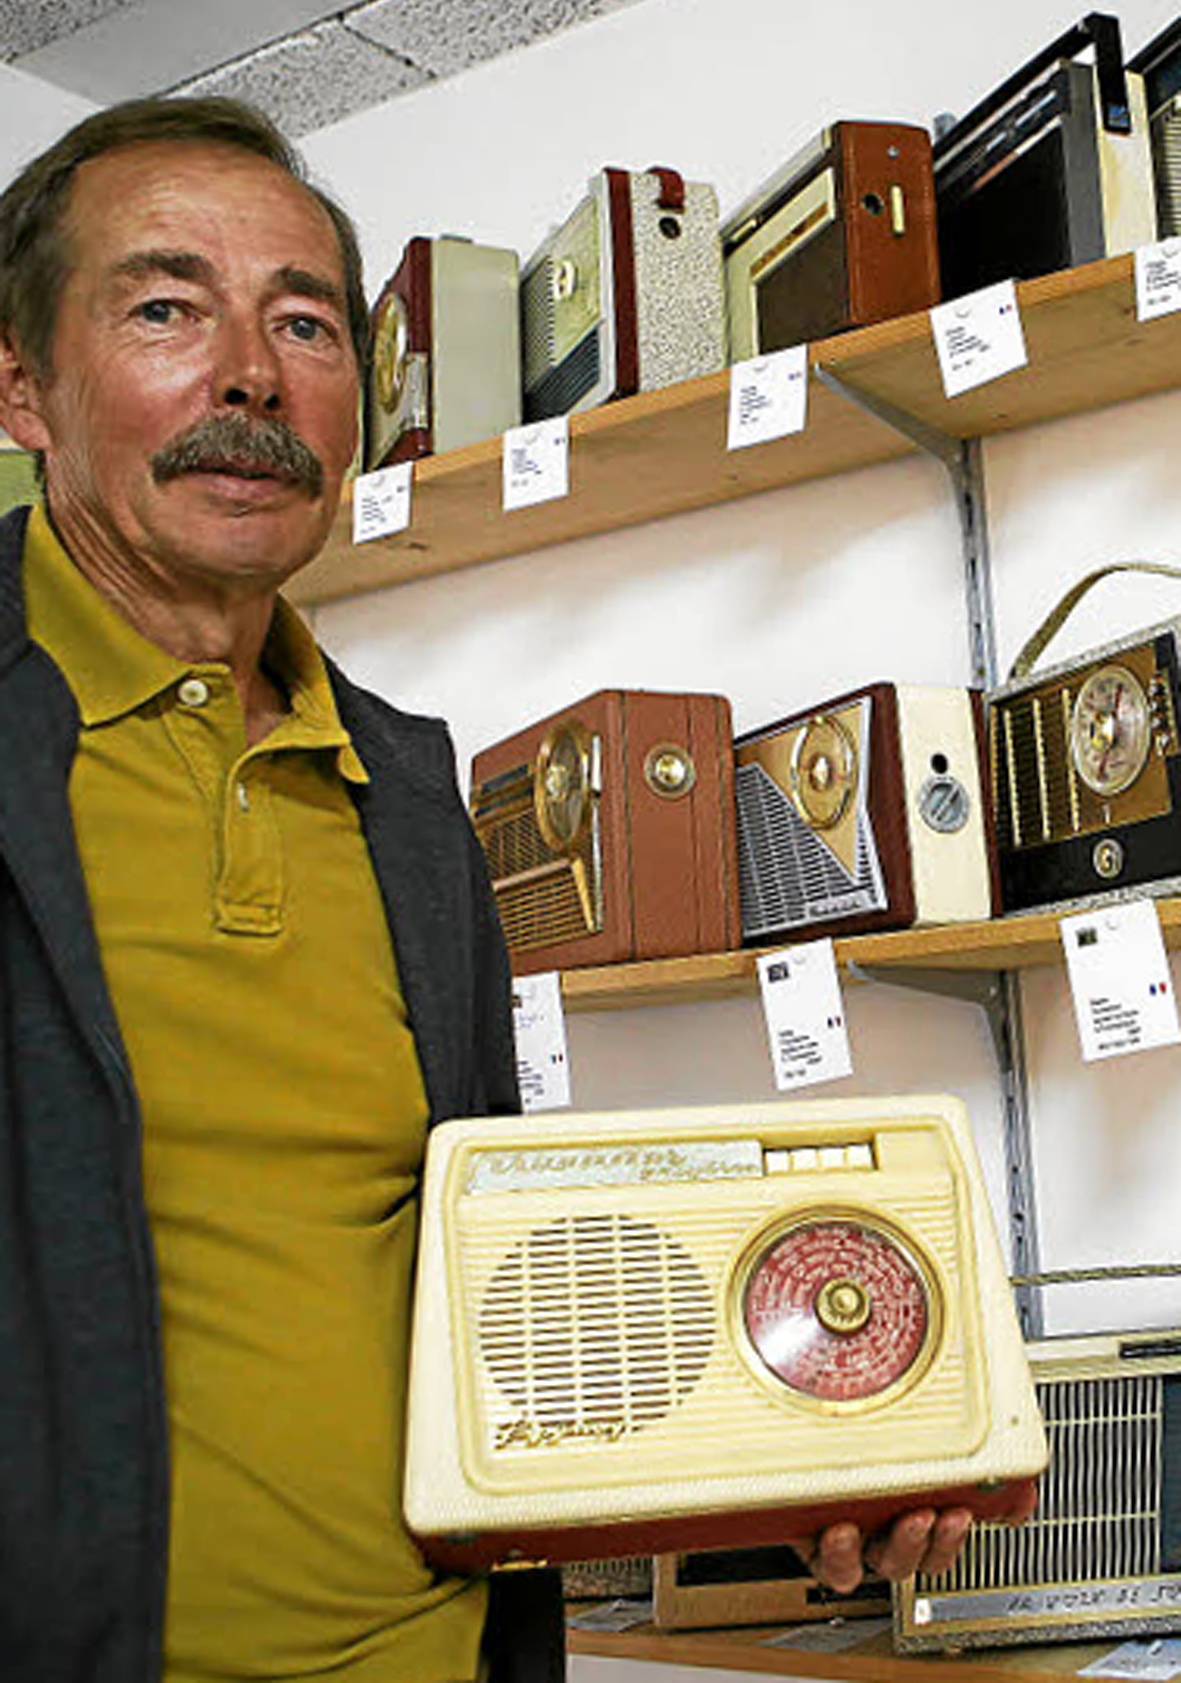 Musée Galenium : exposition sur l'histoire de la radio